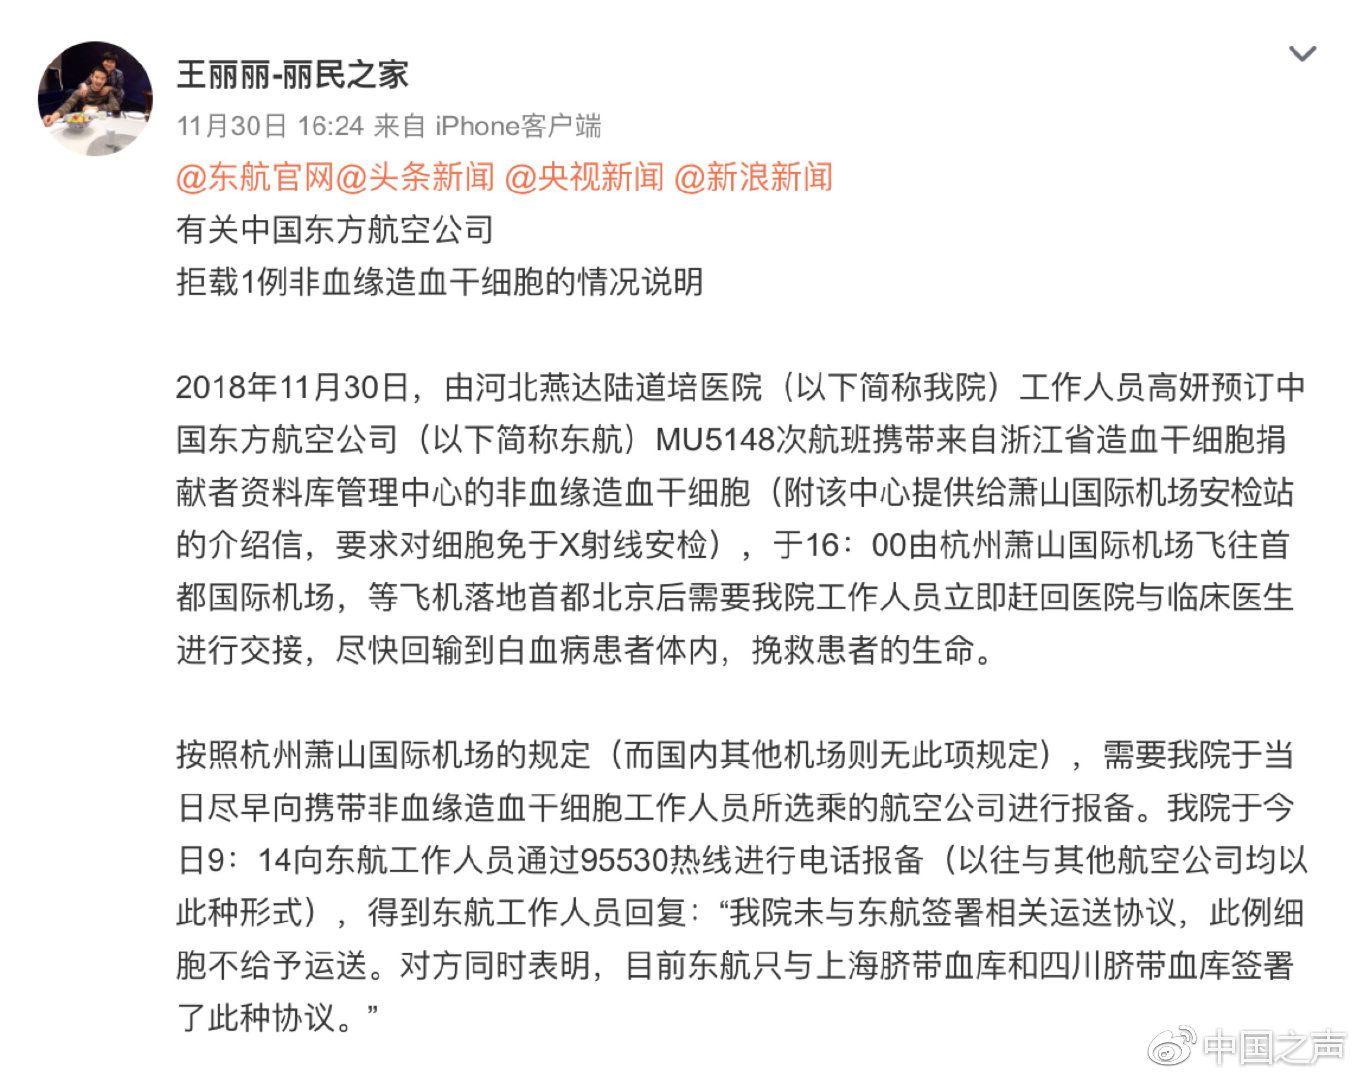 东航被指拒载造血干细胞储运箱 客服声称手续不全